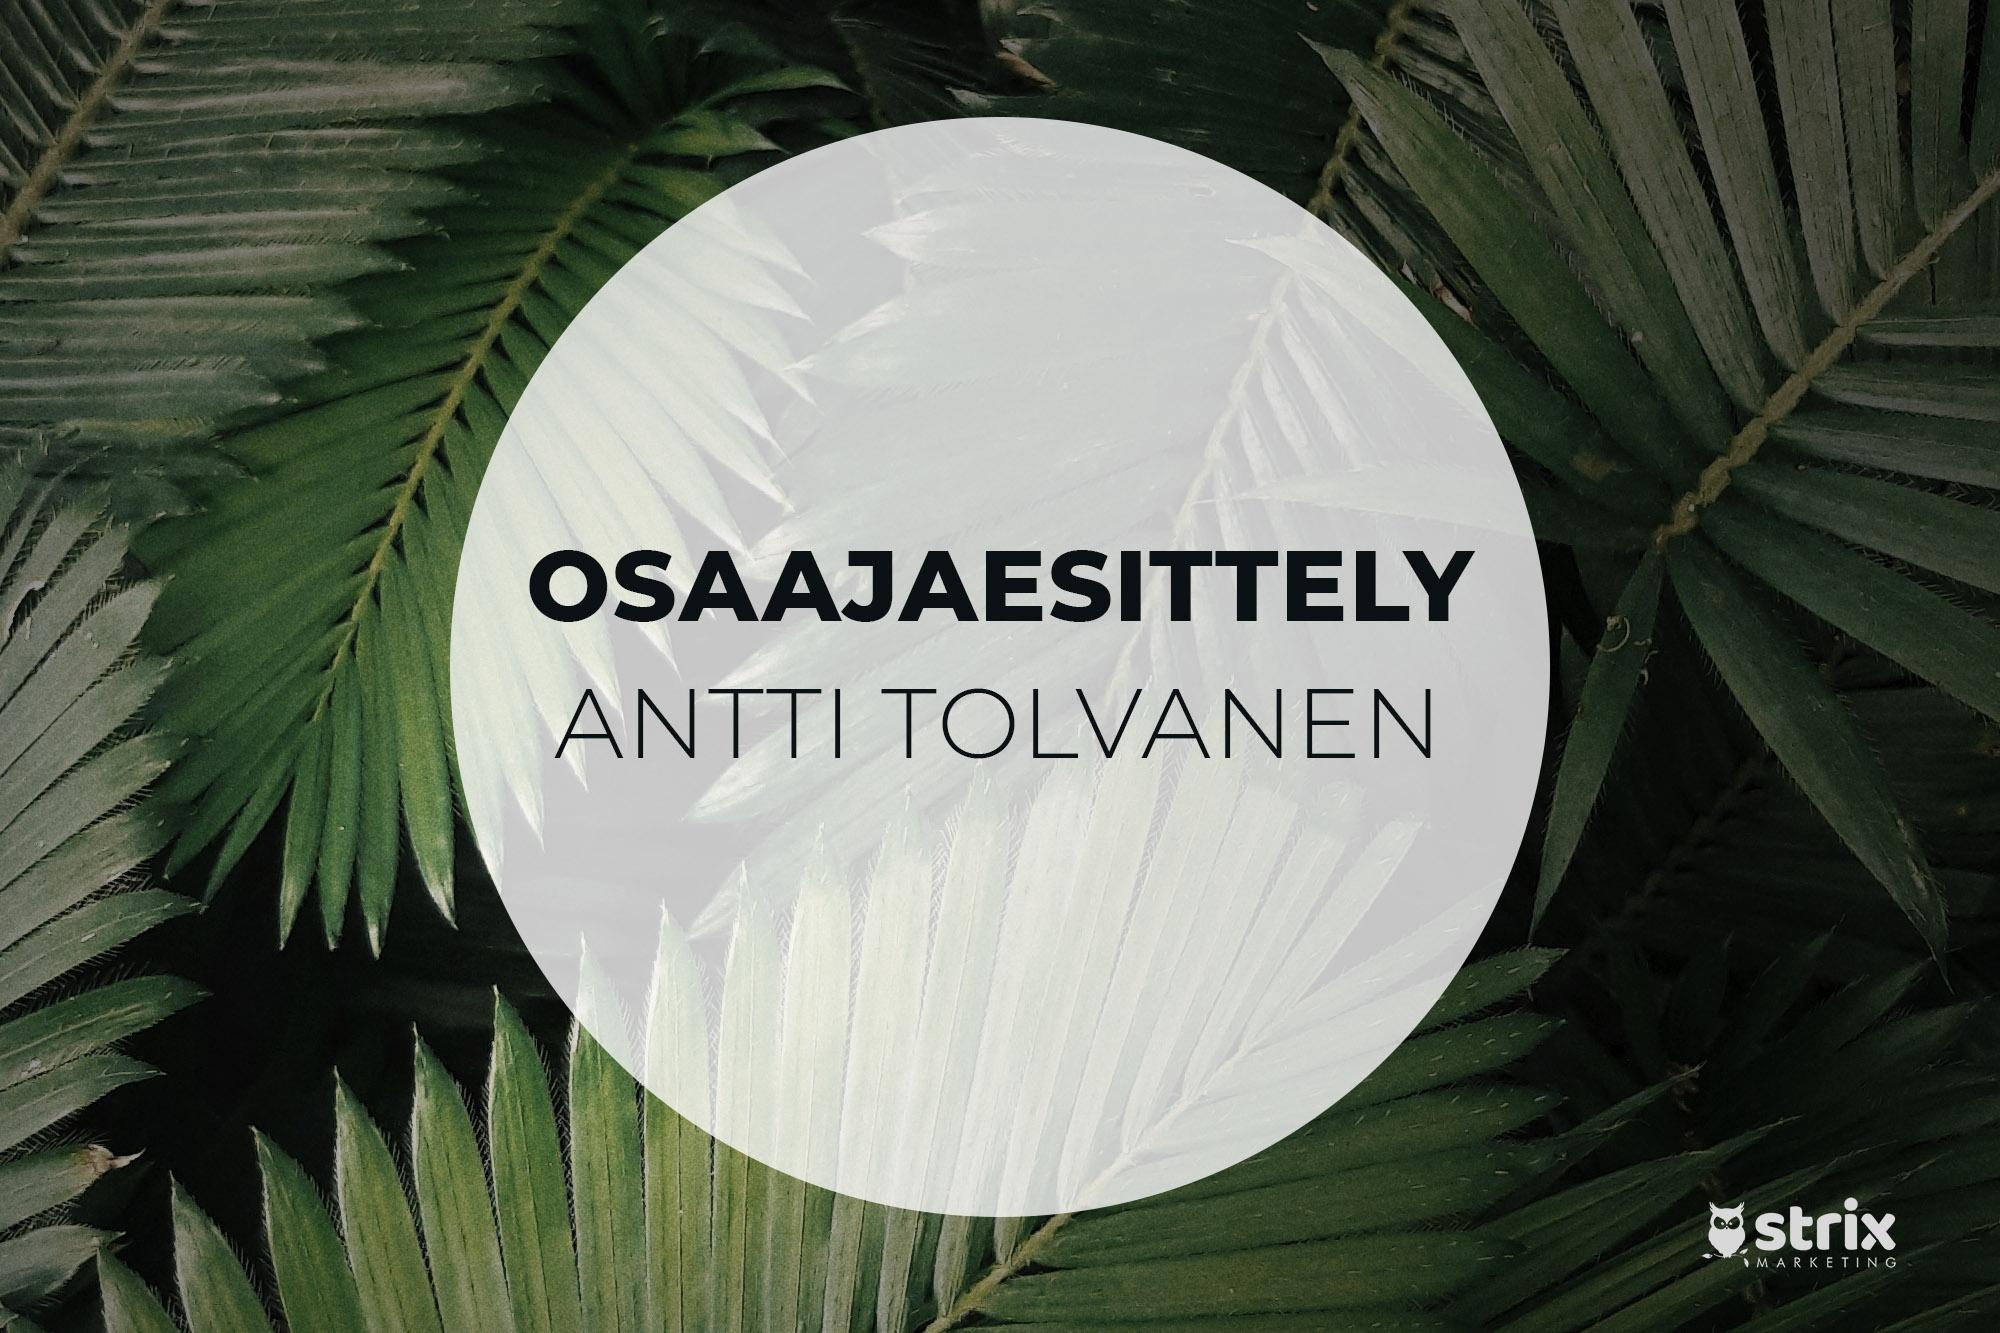 Osaajaesittelyssä Antti-Tolvanen